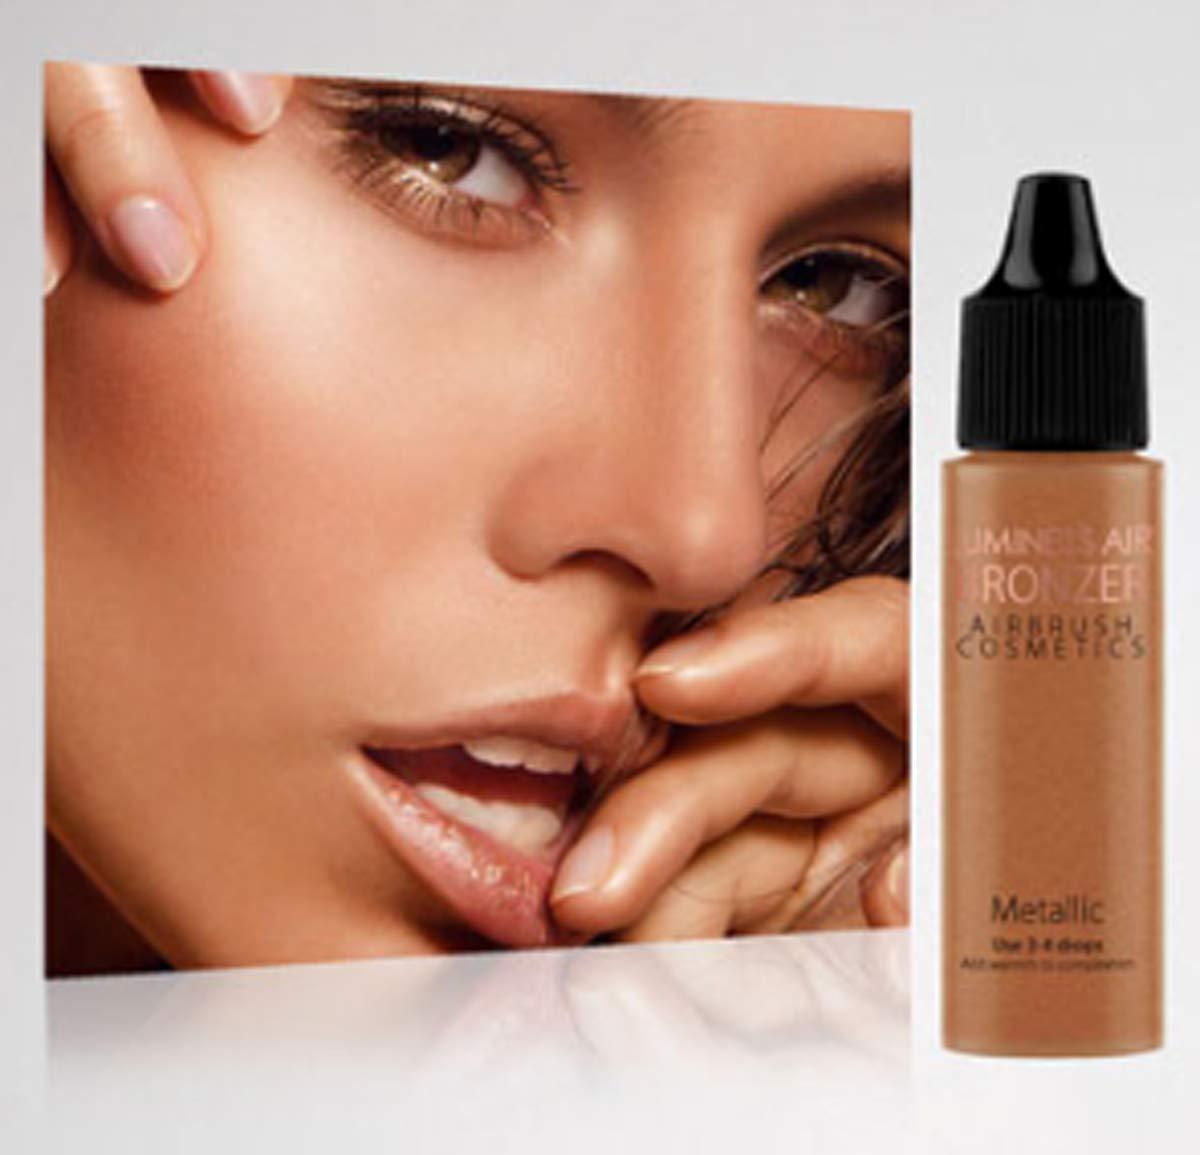 Luminess Airbrush Cosmetics Metallic Shimmer Bronzer ~Sun-Kissed Glow